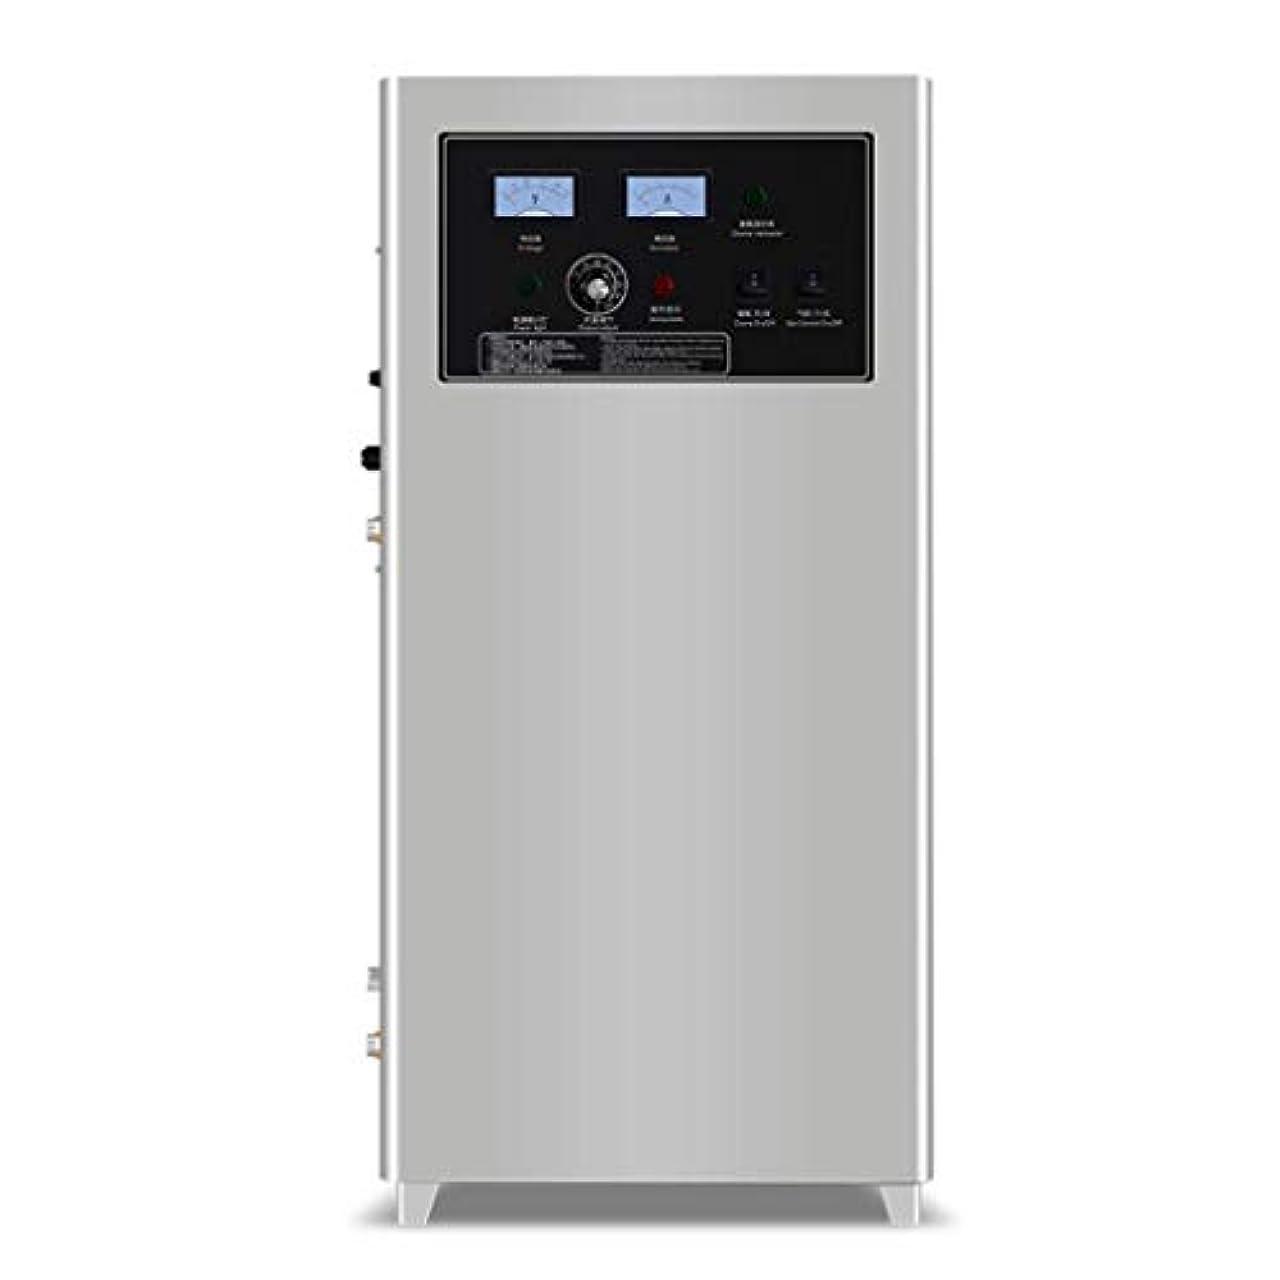 タイマー矛盾肥沃な滅菌器, オゾン消毒装置、宇宙消毒装置、オゾン装置